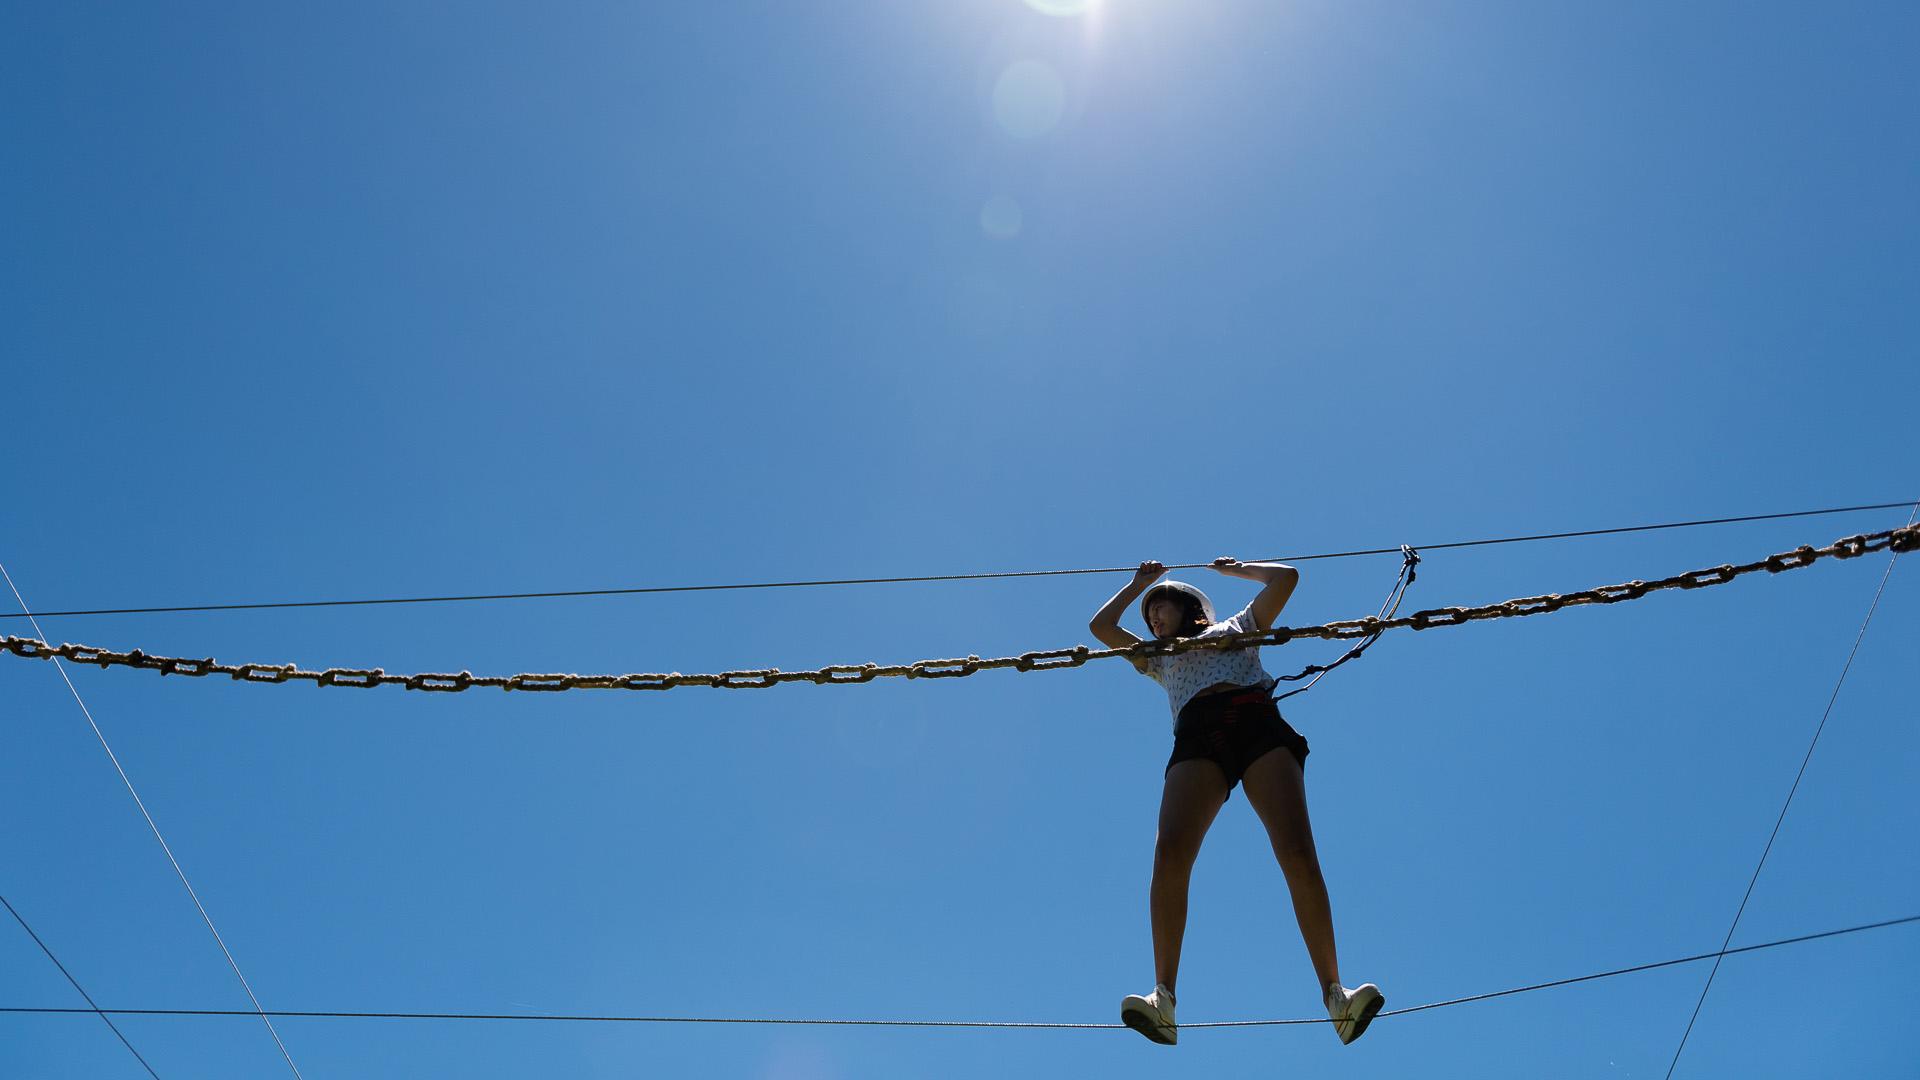 Estos juegos de altura no son recomendables para los chicos sino que apuntan más a la jóvenes